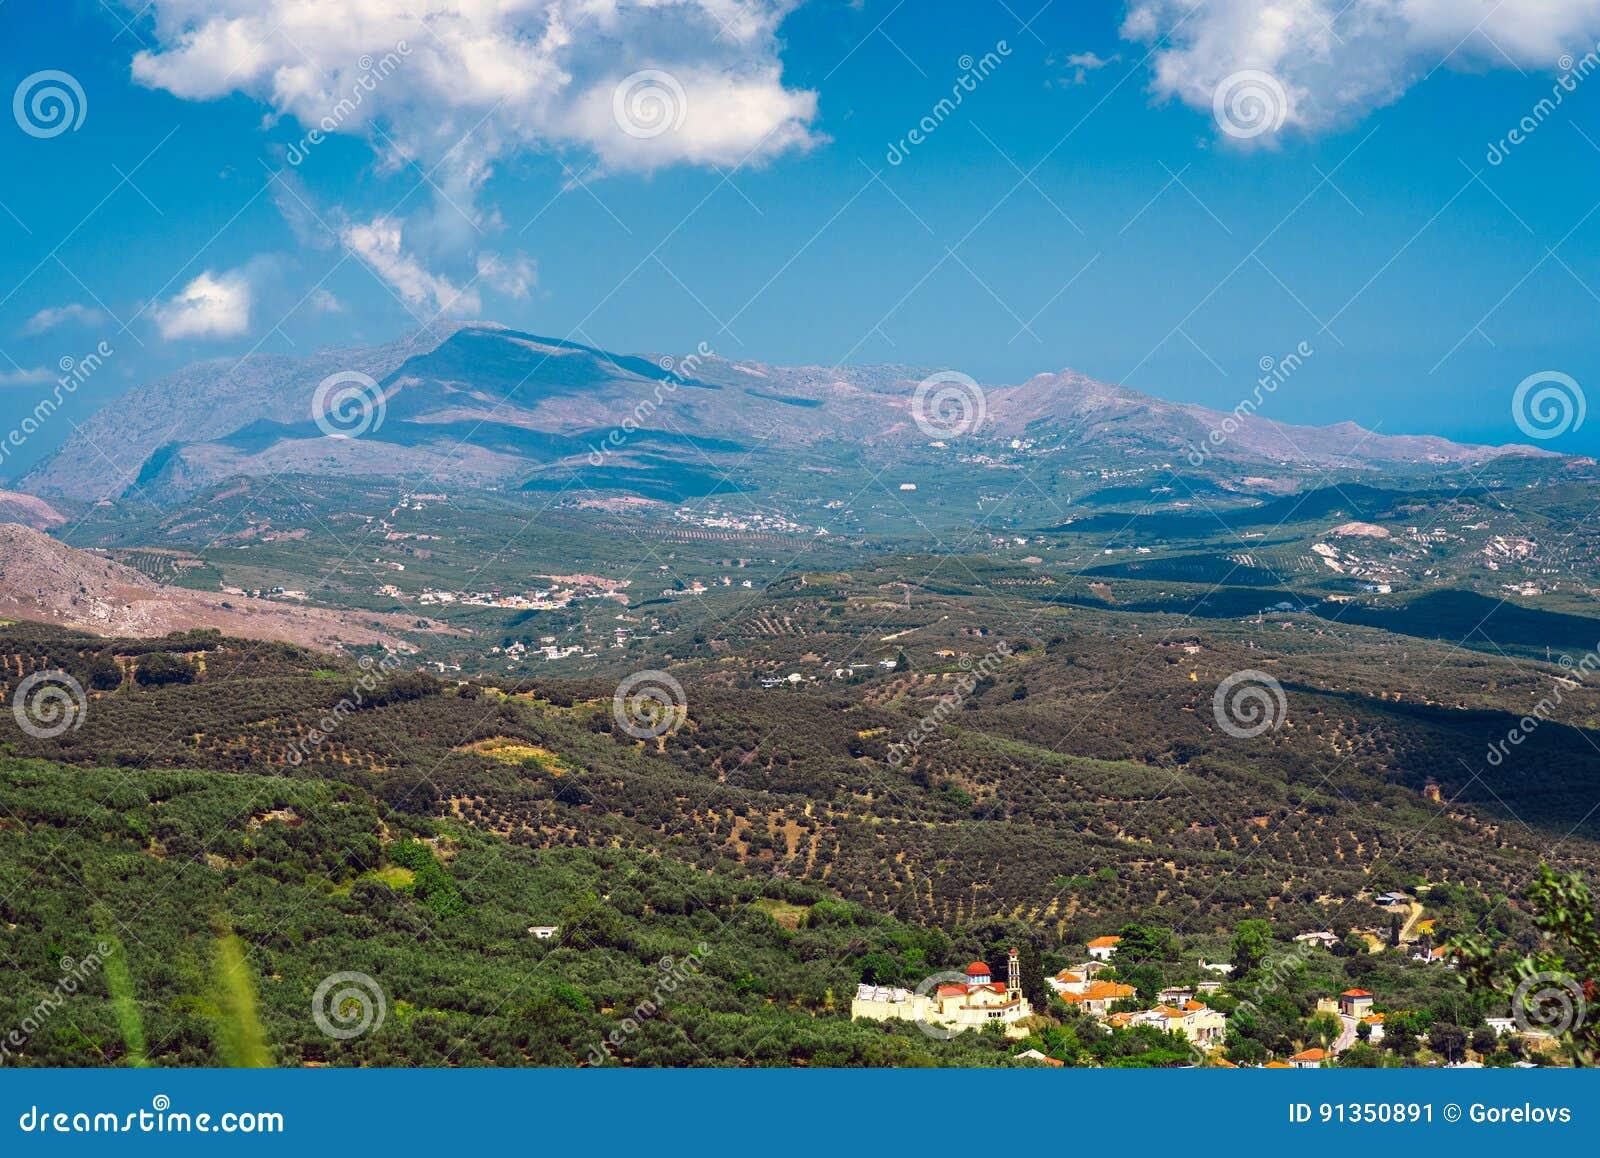 Krajobraz Crete wyspa przy zachodnią częścią wyspa